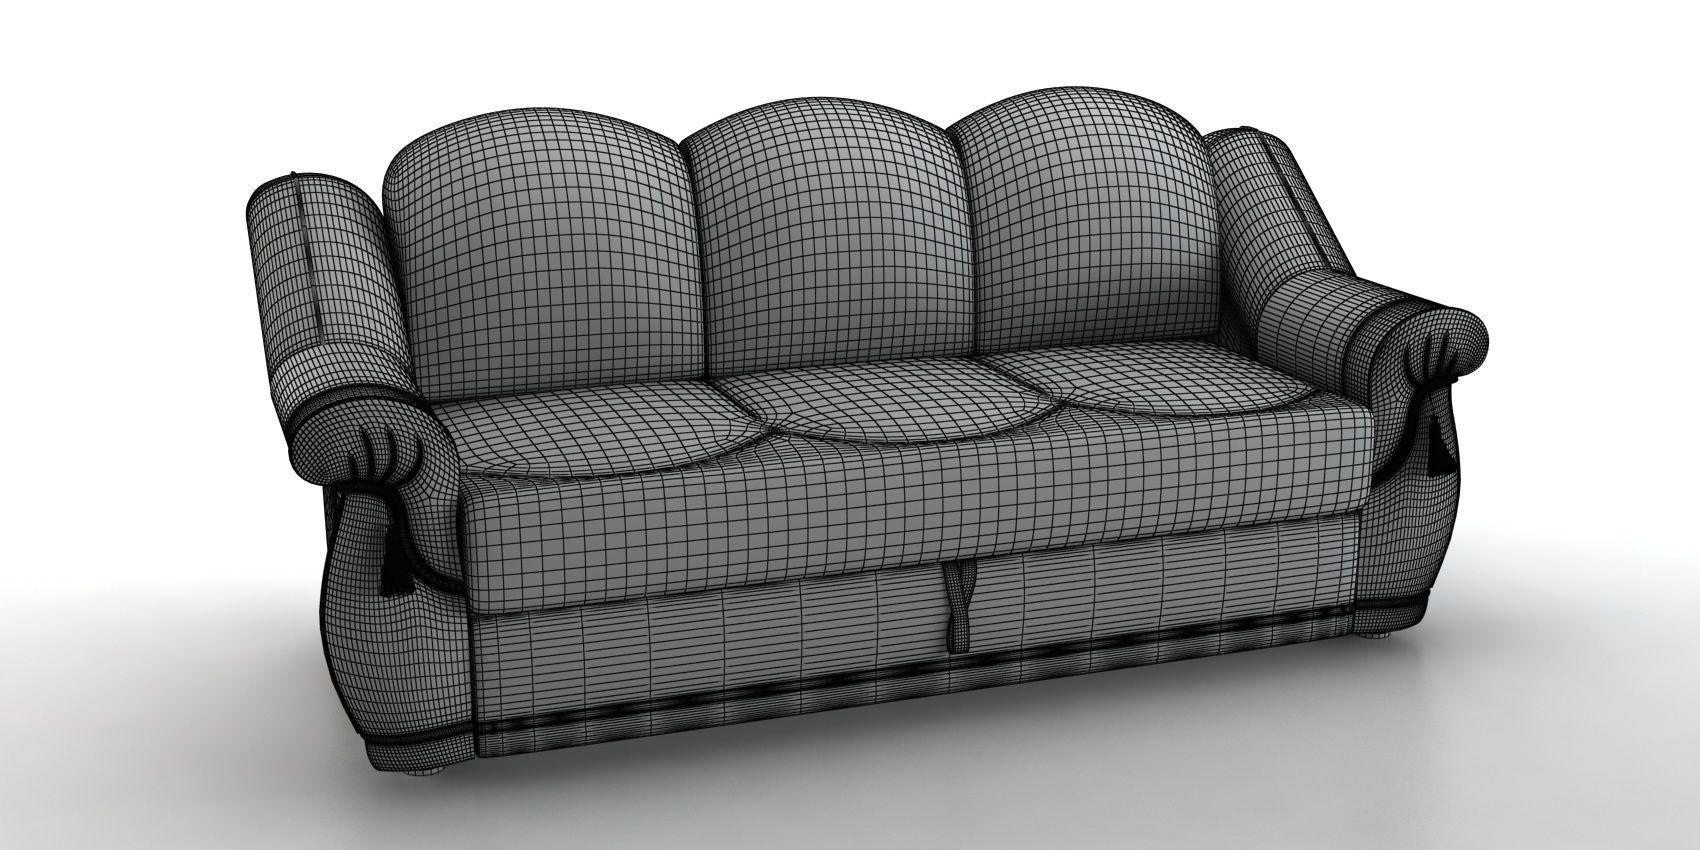 ... Sofa Boston 3d Model Max Obj Mtl Fbx 4 ...